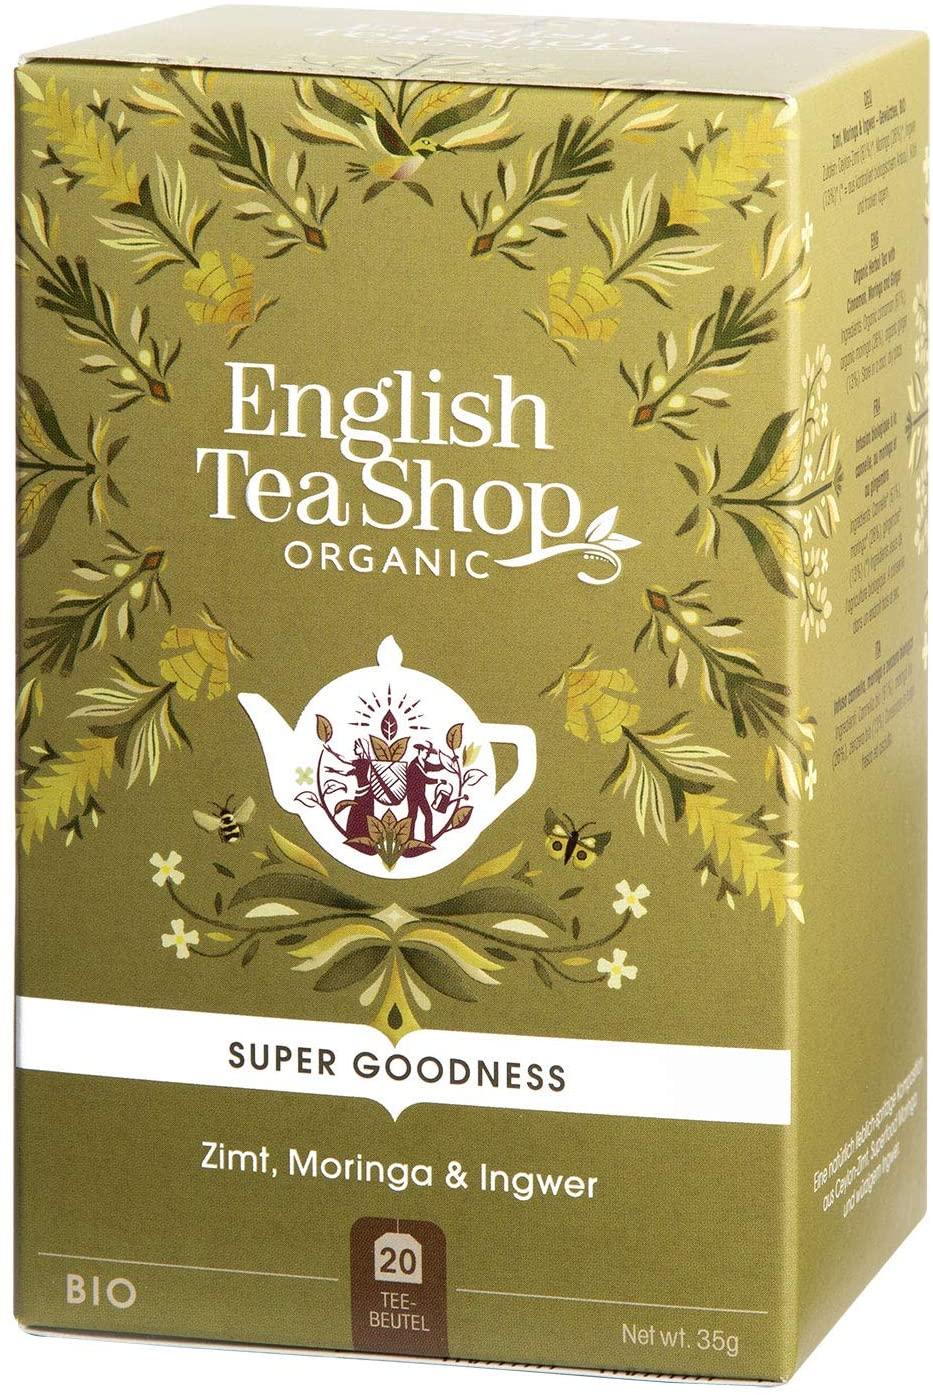 English Tea Shop Super Goodness Cinnamon, Moringa & ginger